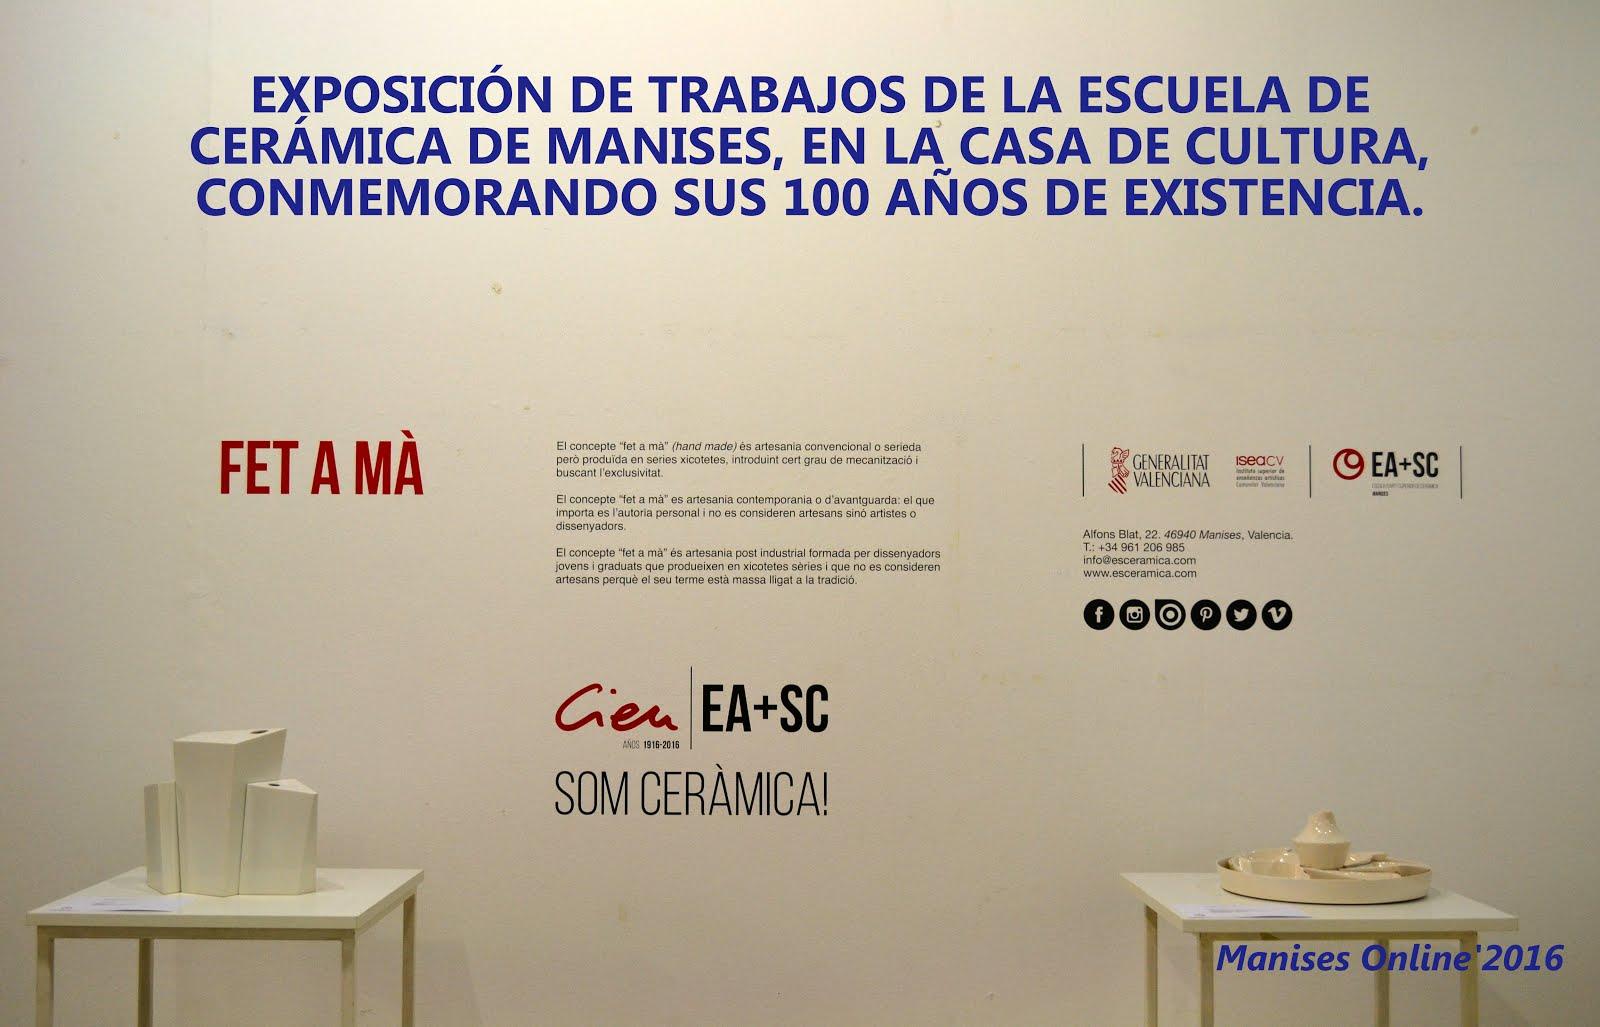 09.09.16 EXPOSICIÓN DE LA ESCUELA DE CERÁMICA DE MA- NISES EN LA CASA DE CULTURA